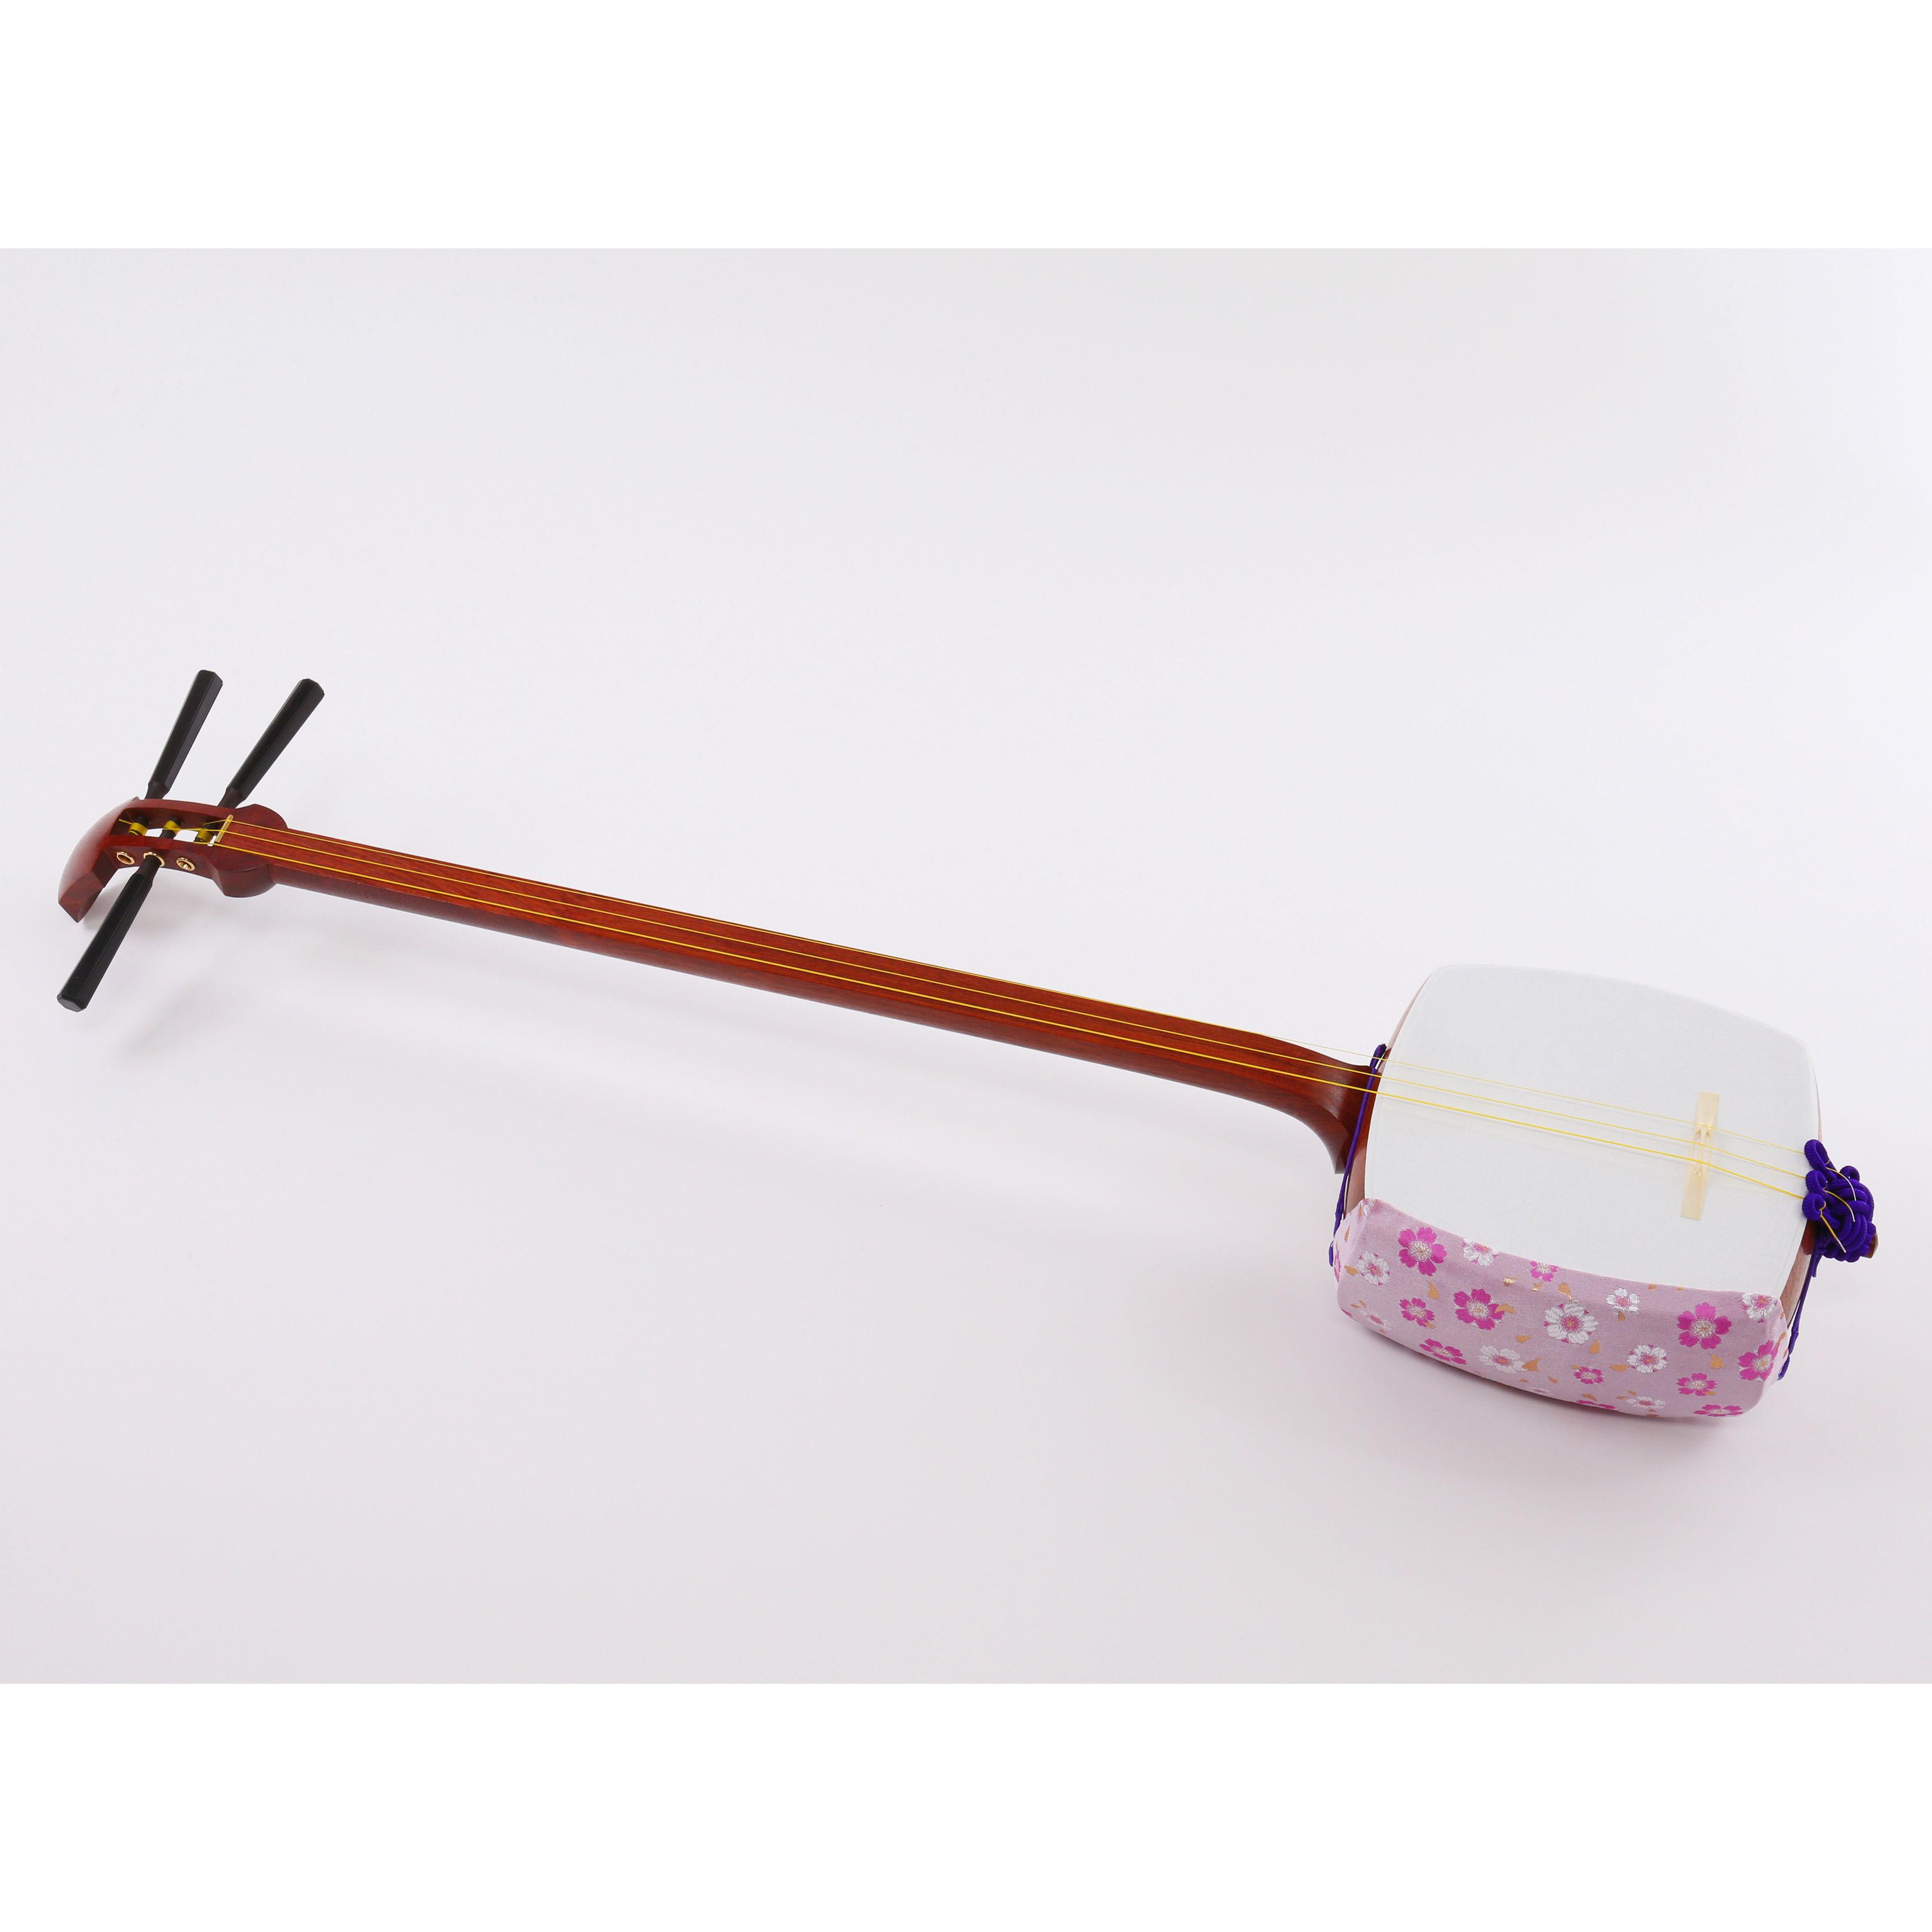 [29007]【長唄】花梨リプル張り付属品あり(胴掛け、小物の色、柄、仕様等おまかせ)